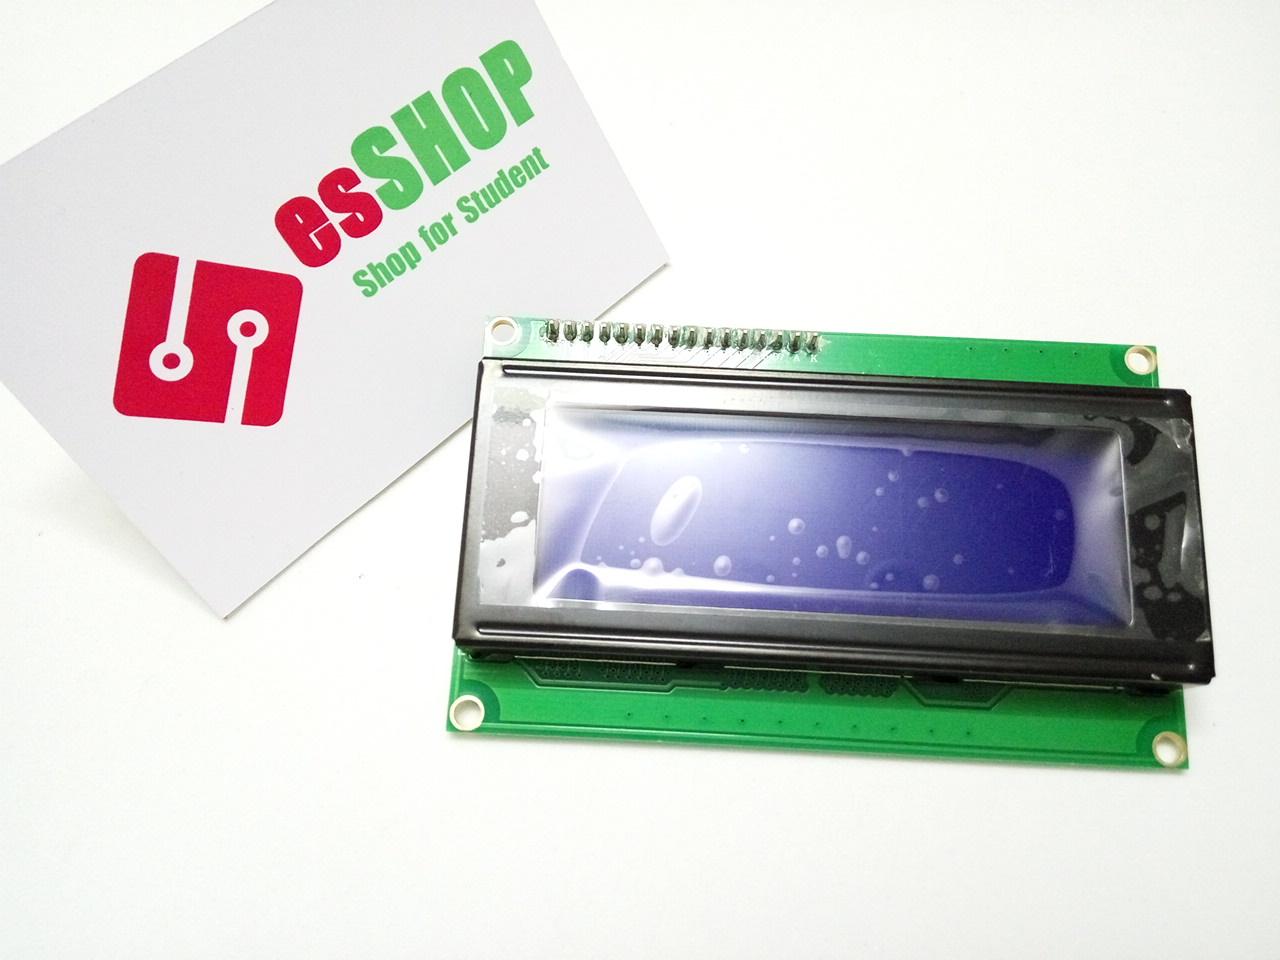 Z3350B106 - Màn hình LCD 2004 + Chuyên Đổi IIC